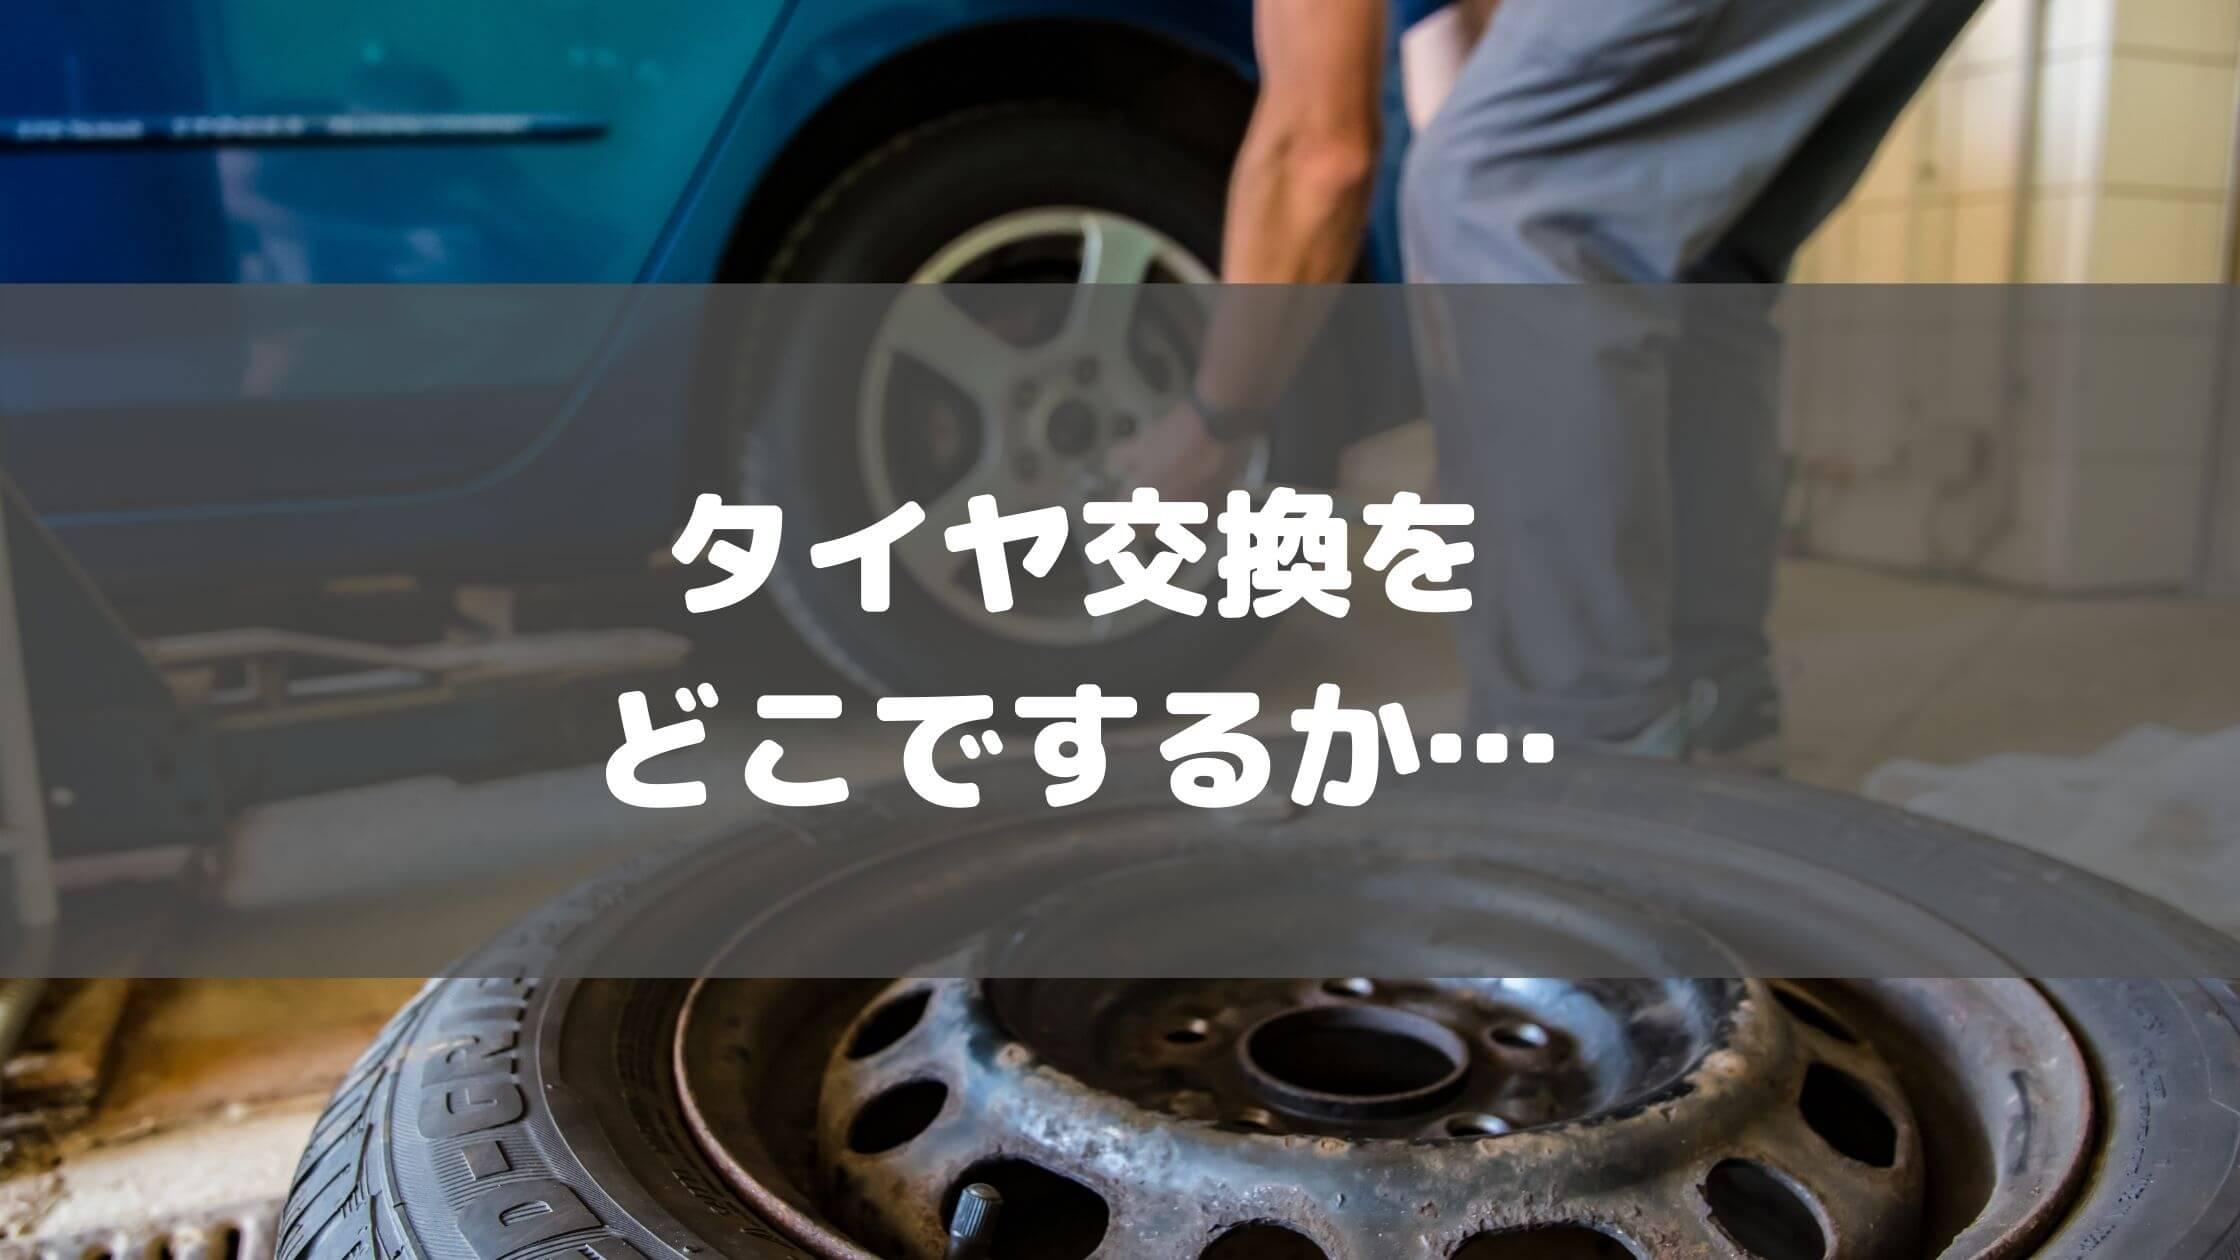 タイヤ交換 オートバックス エバーロード 安い 金額 工賃 タイヤフッド tirehood ネット 予約 簡単